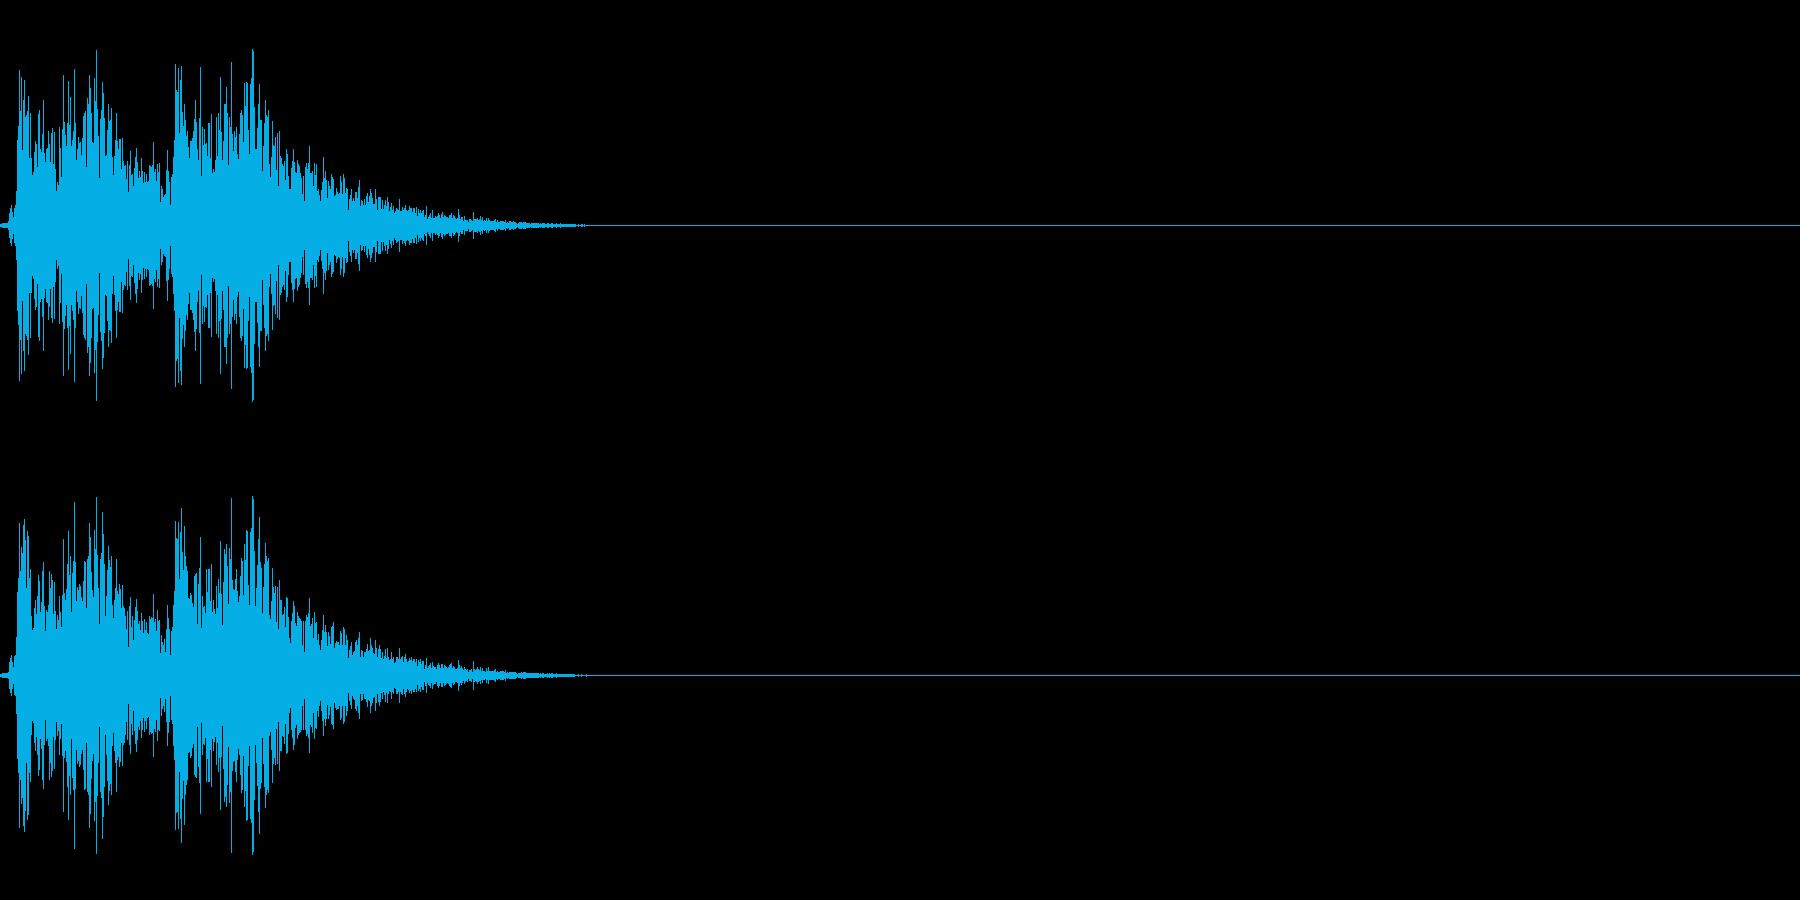 【打撃05-2】の再生済みの波形